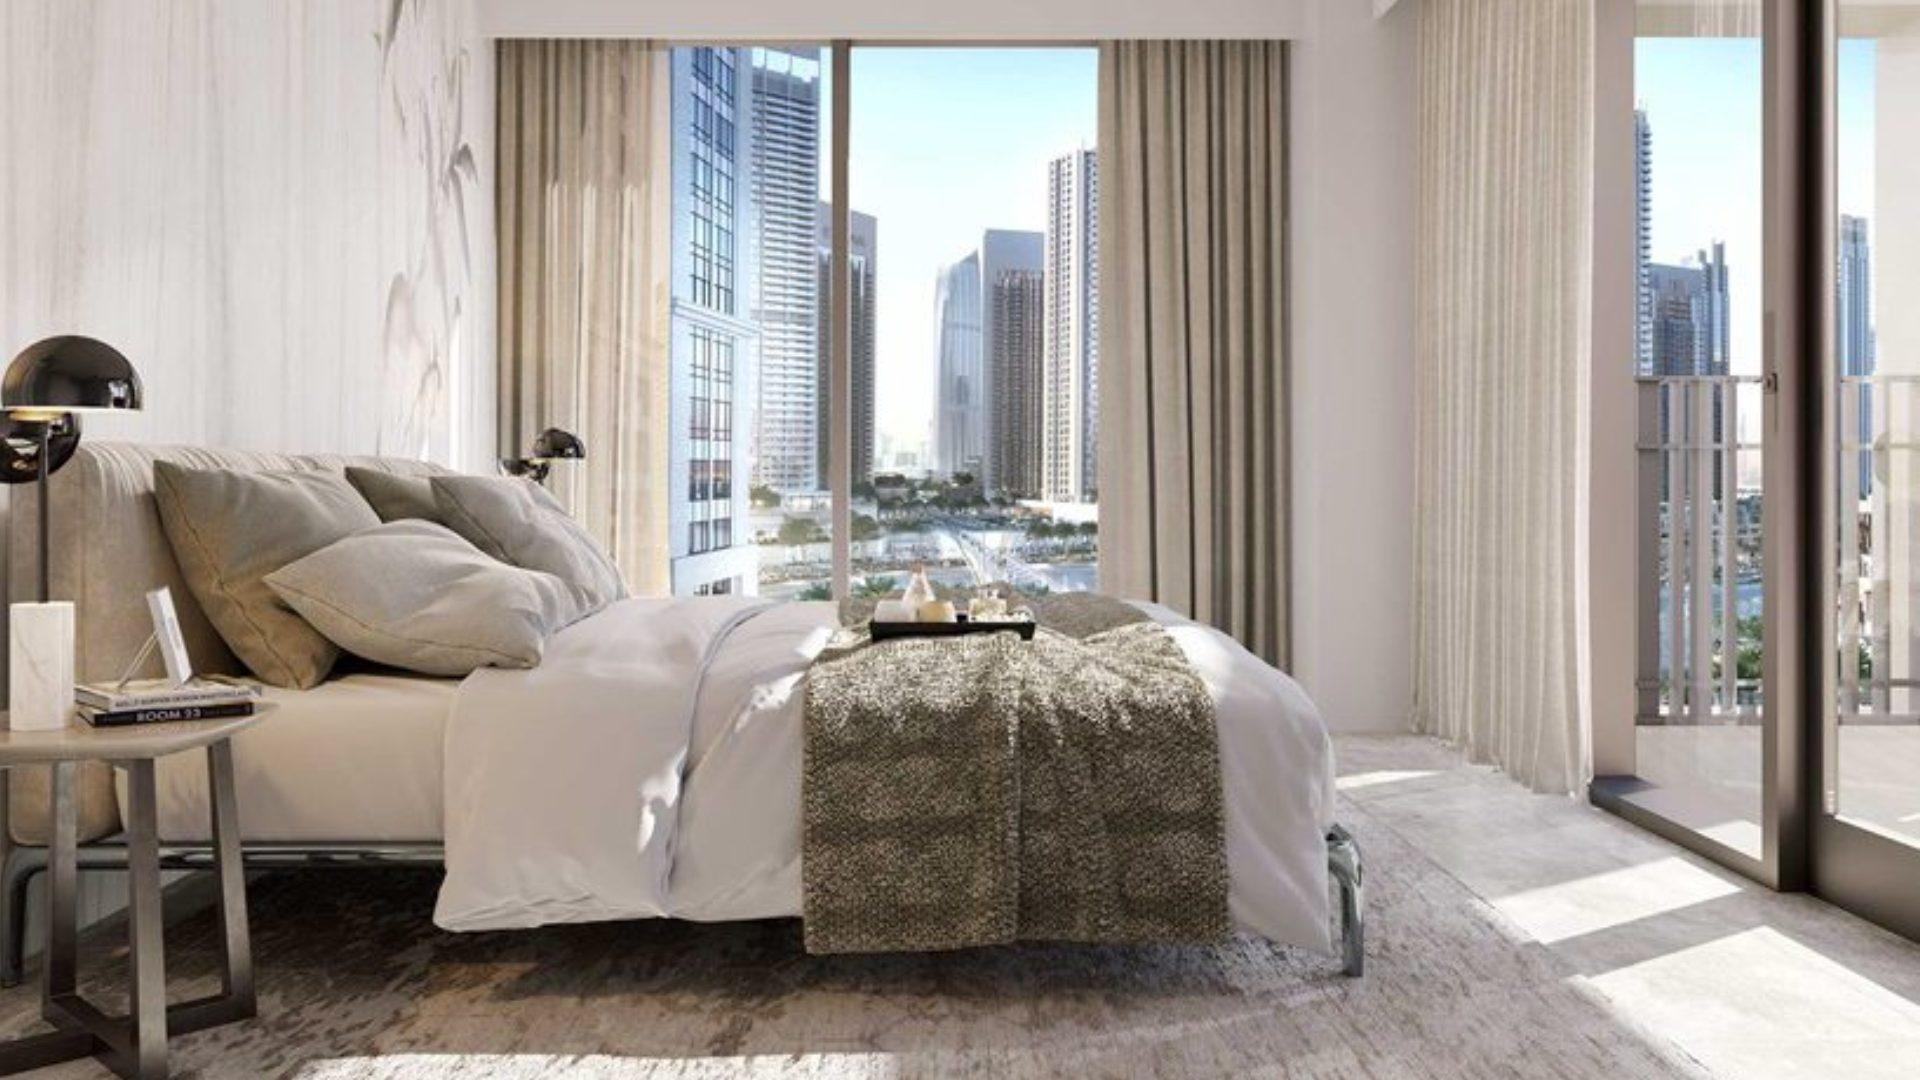 Apartamento en venta en Dubai, EAU, 3 dormitorios, 153 m2, № 24631 – foto 2